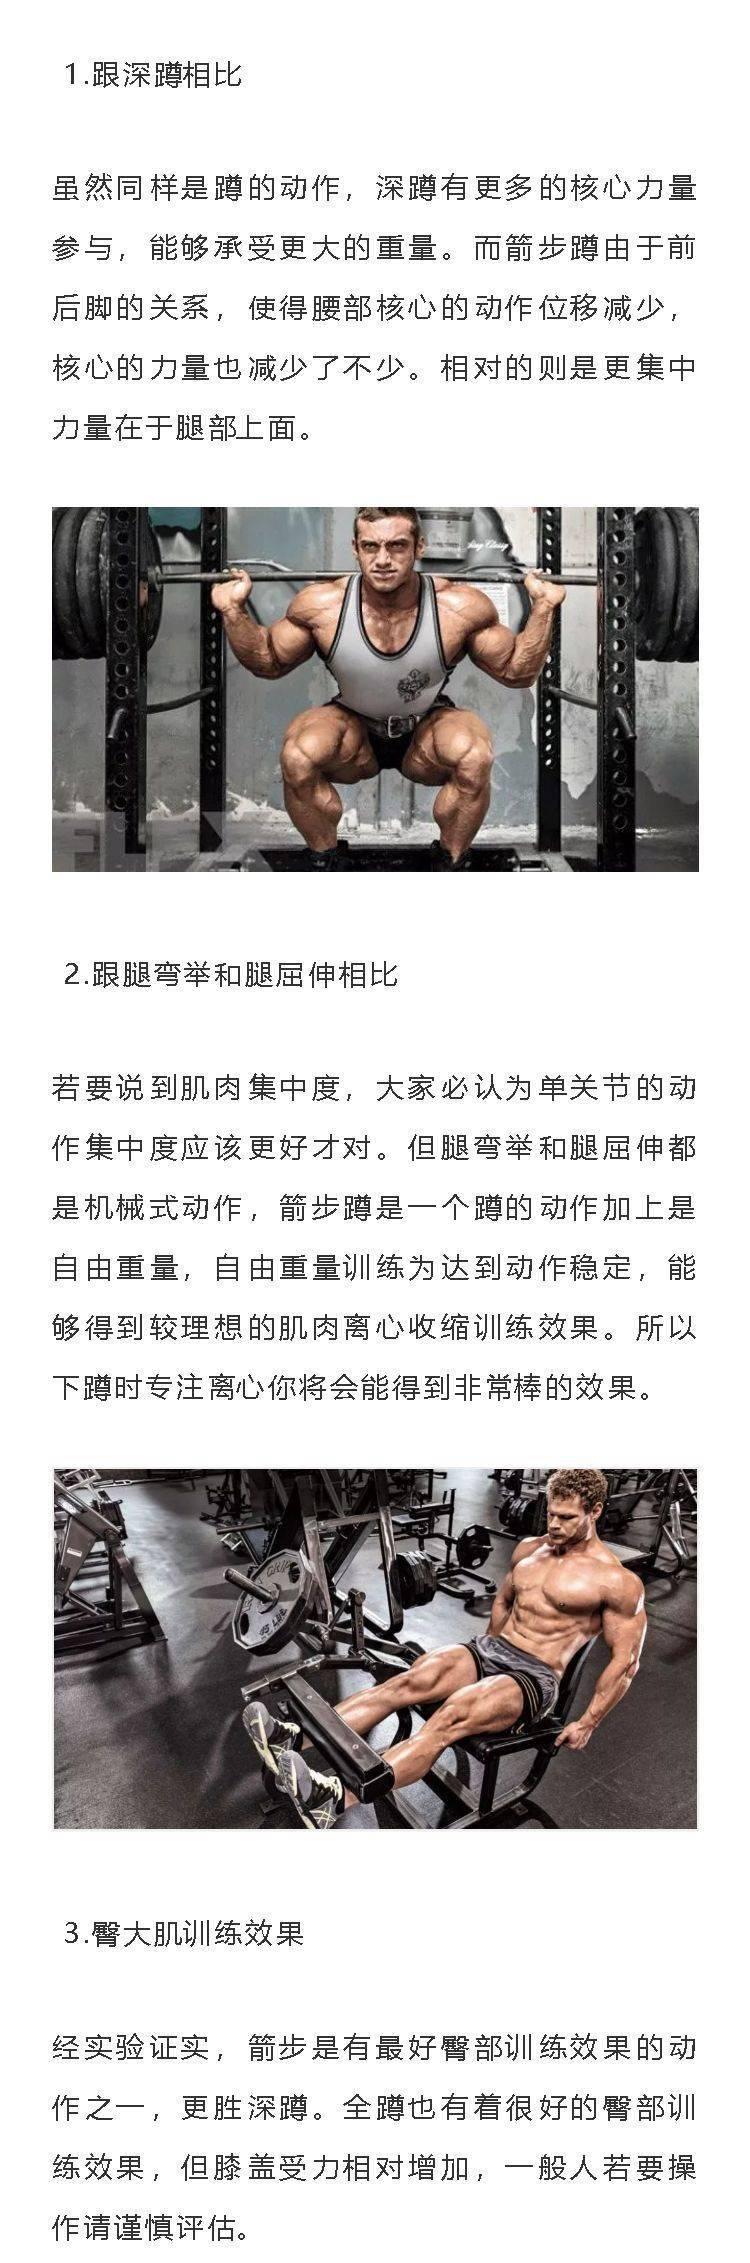 星辉app-首页【1.1.0】